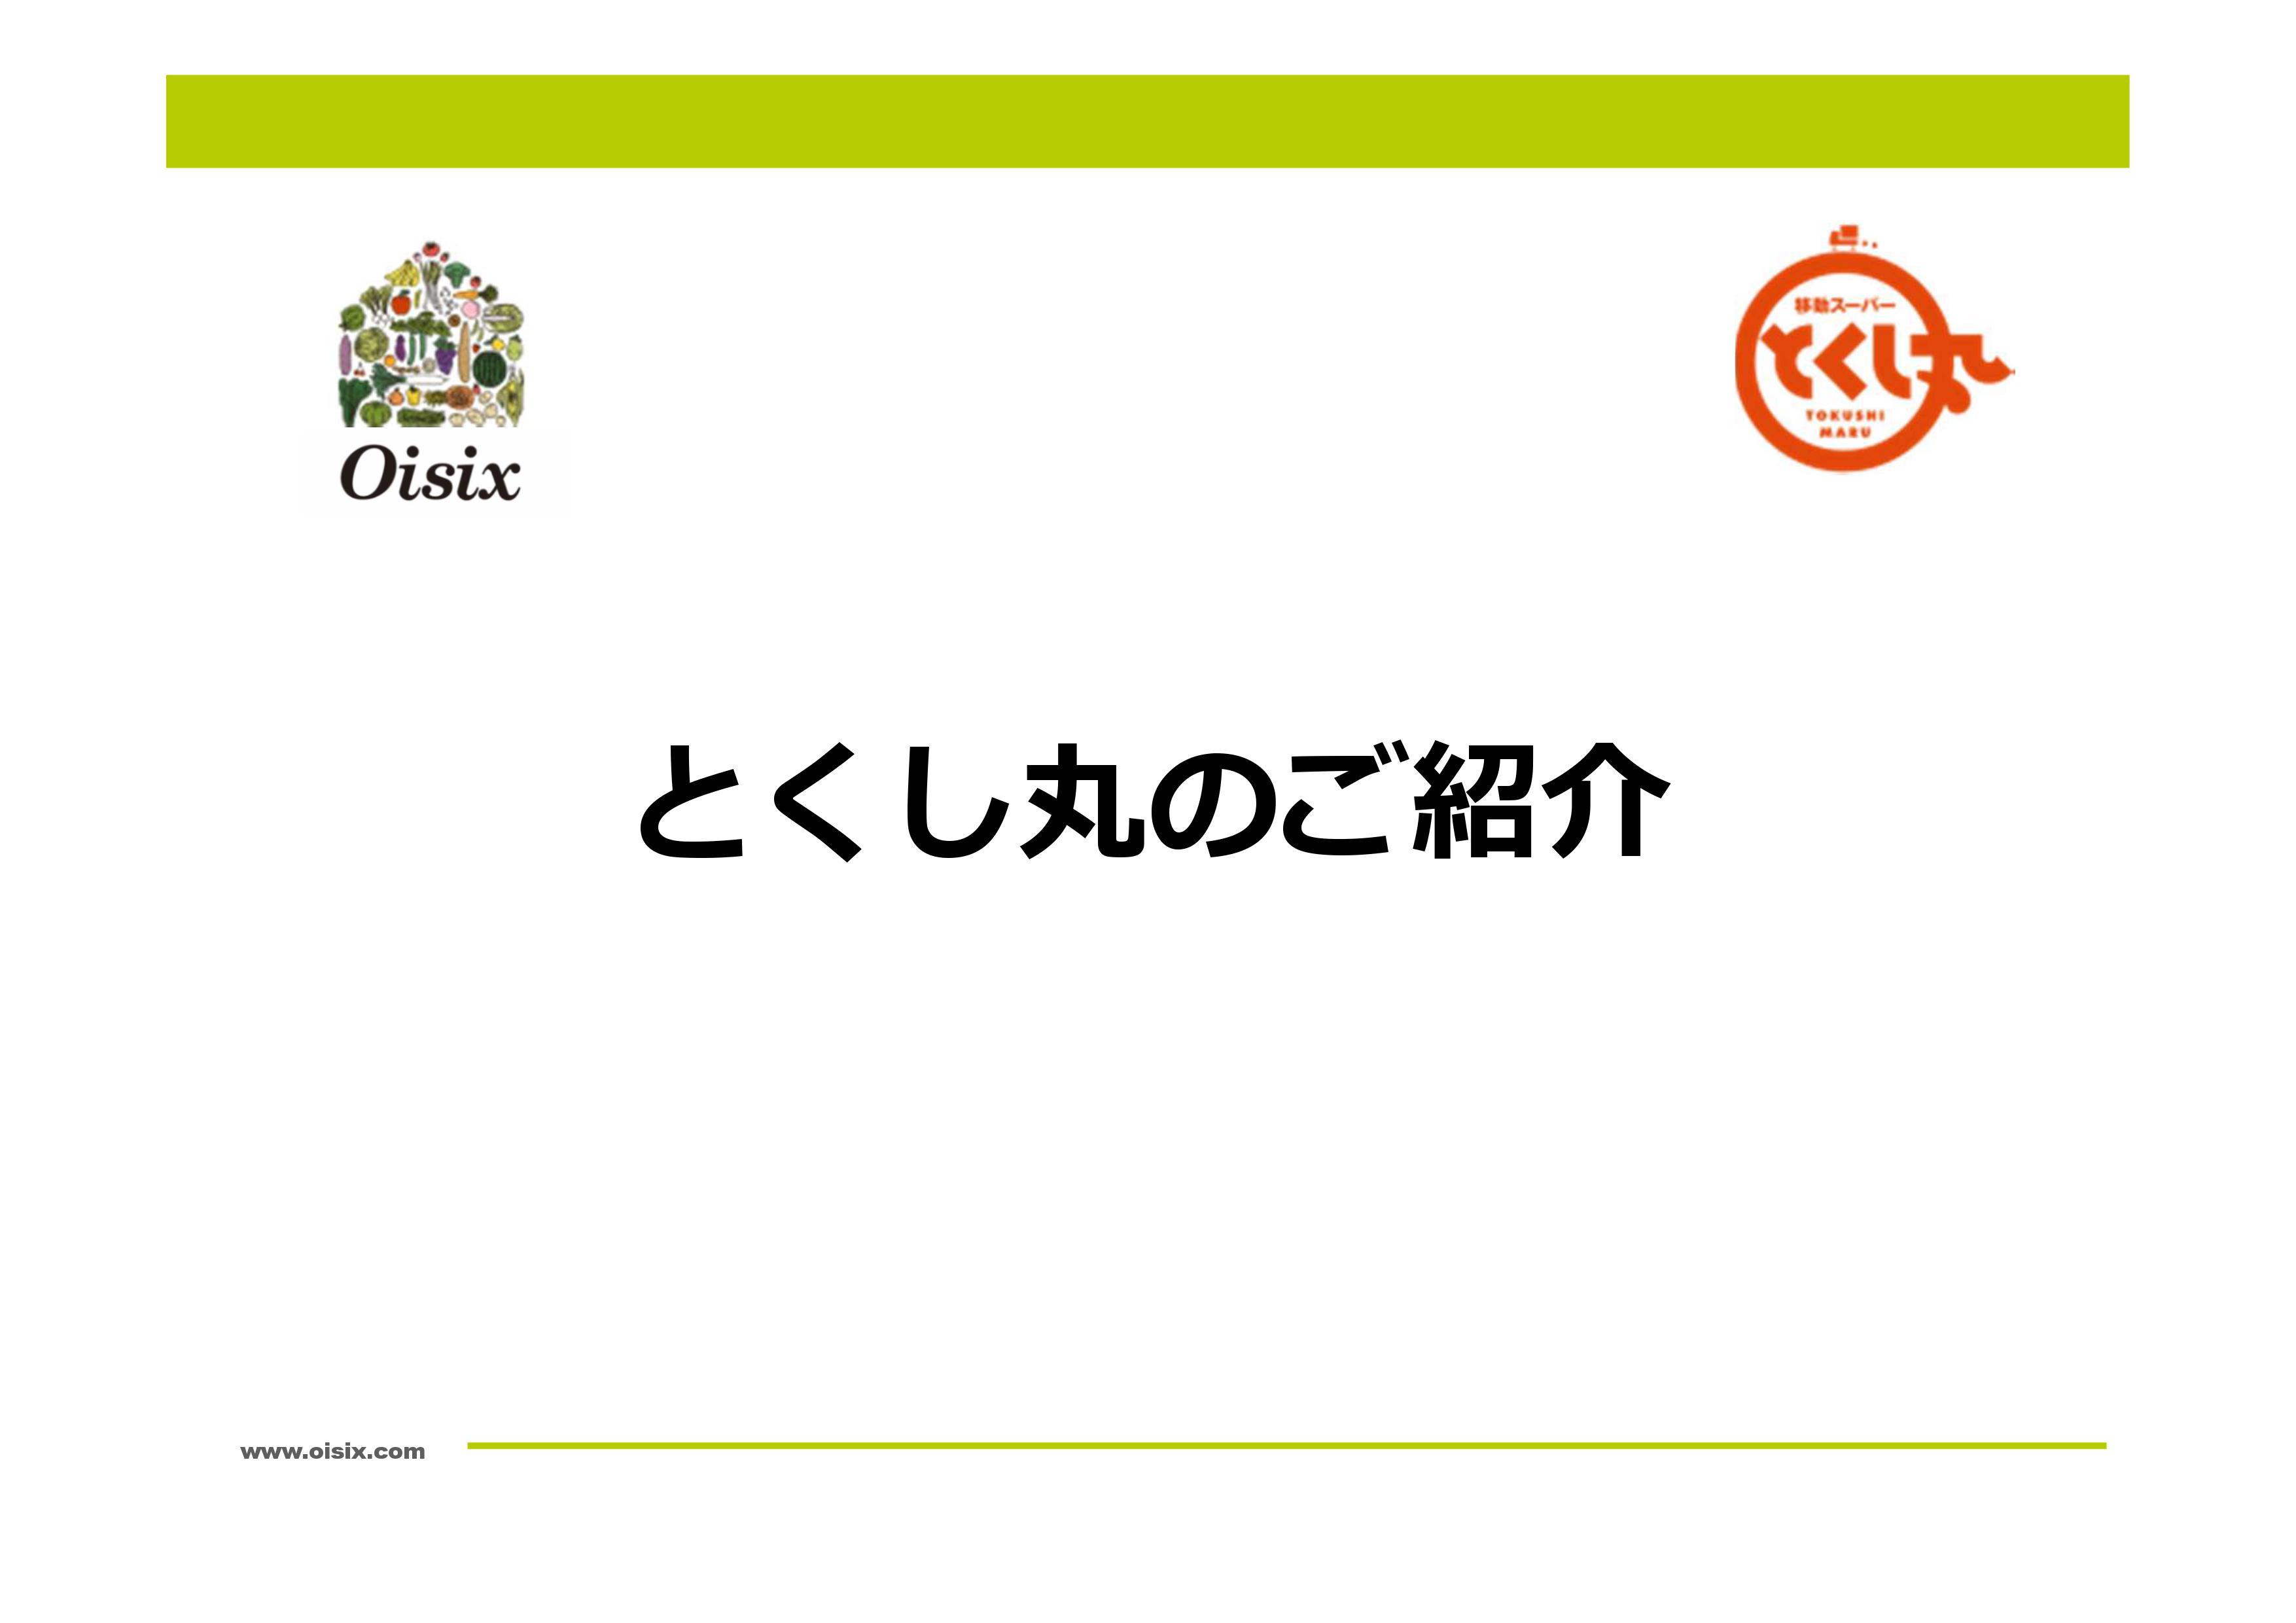 Slide 1 of Oisix